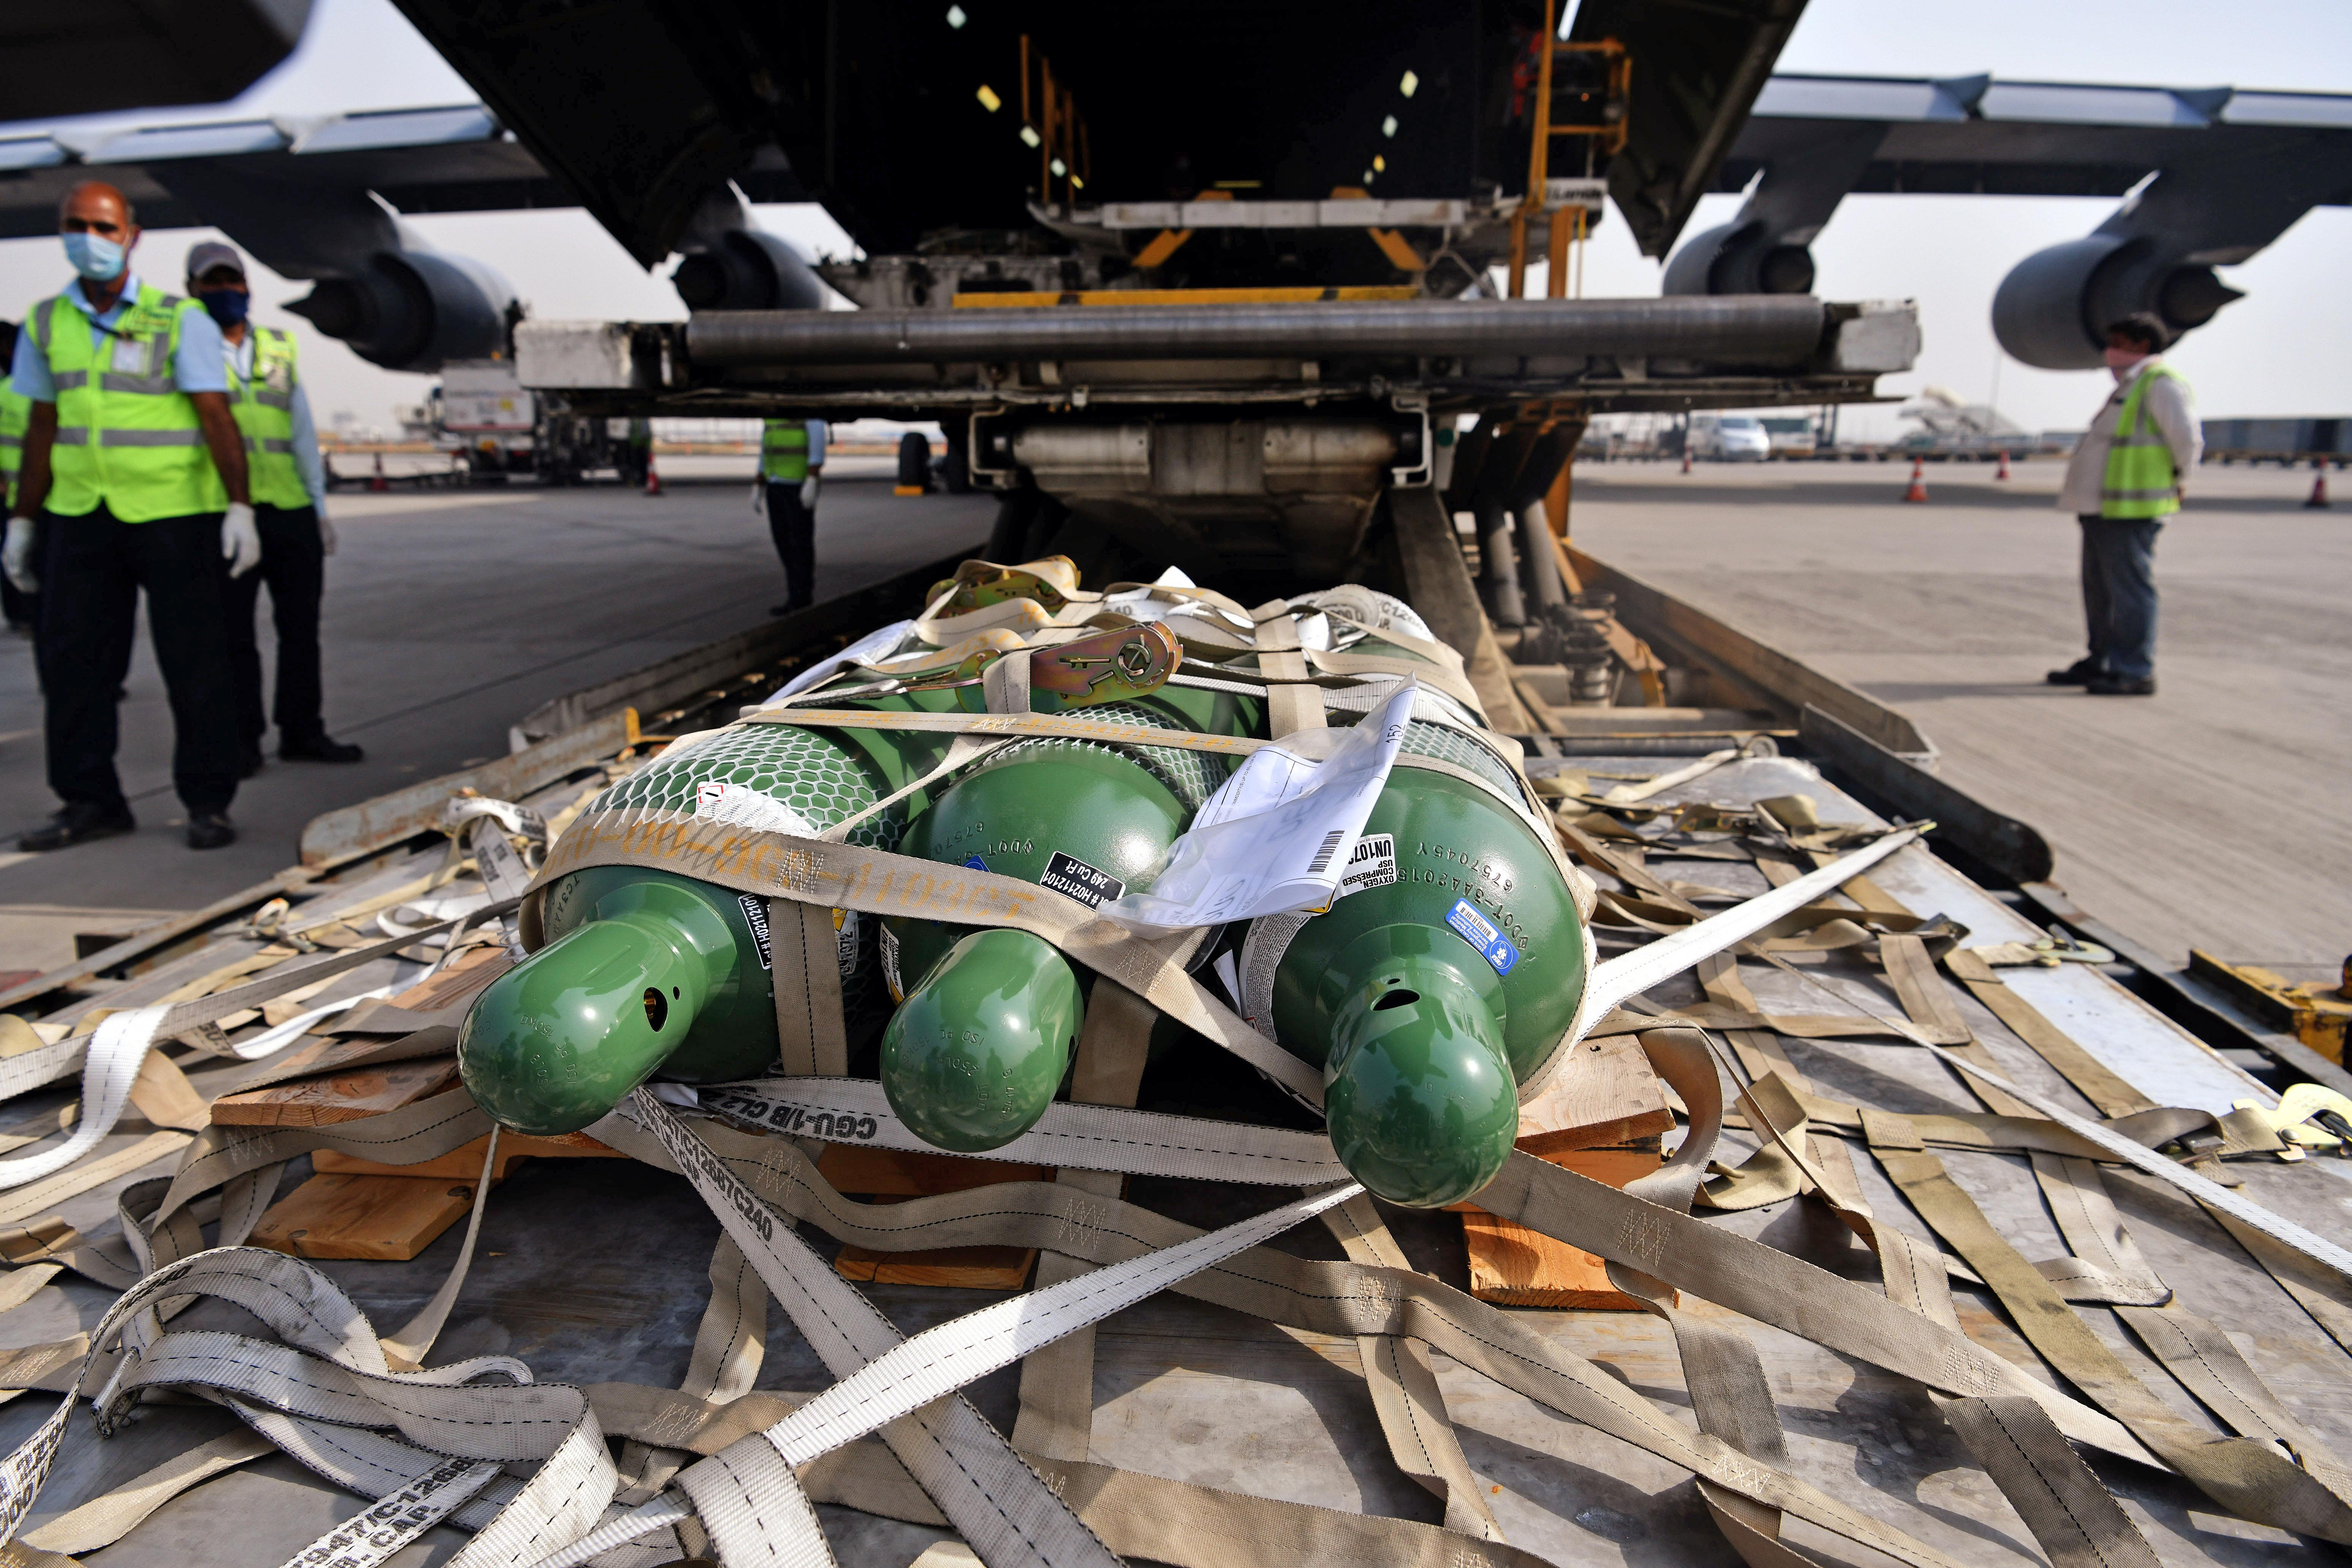 अमेरिकी वायुसेना का विमान शुक्रवार को राहत सामग्री लेकर भारत पहुंचा। इस विमान में 200 साइज डी ऑक्सीजन सिलेंडर और रेगुलेटर, 223 साइज एच ऑक्सीजन सिलेंडर और रेगुलेटर, 210 पल्स ऑक्सीमीटर, 1 लाख 84 हजार एबॉट रैपिड डायग्नोस्टिक टेस्ट किट्स और 84 हजार N-95 फेस मास्क लाया गया है। यह अमेरिका से आने वाली राहत सामग्री की पहली खेप है।